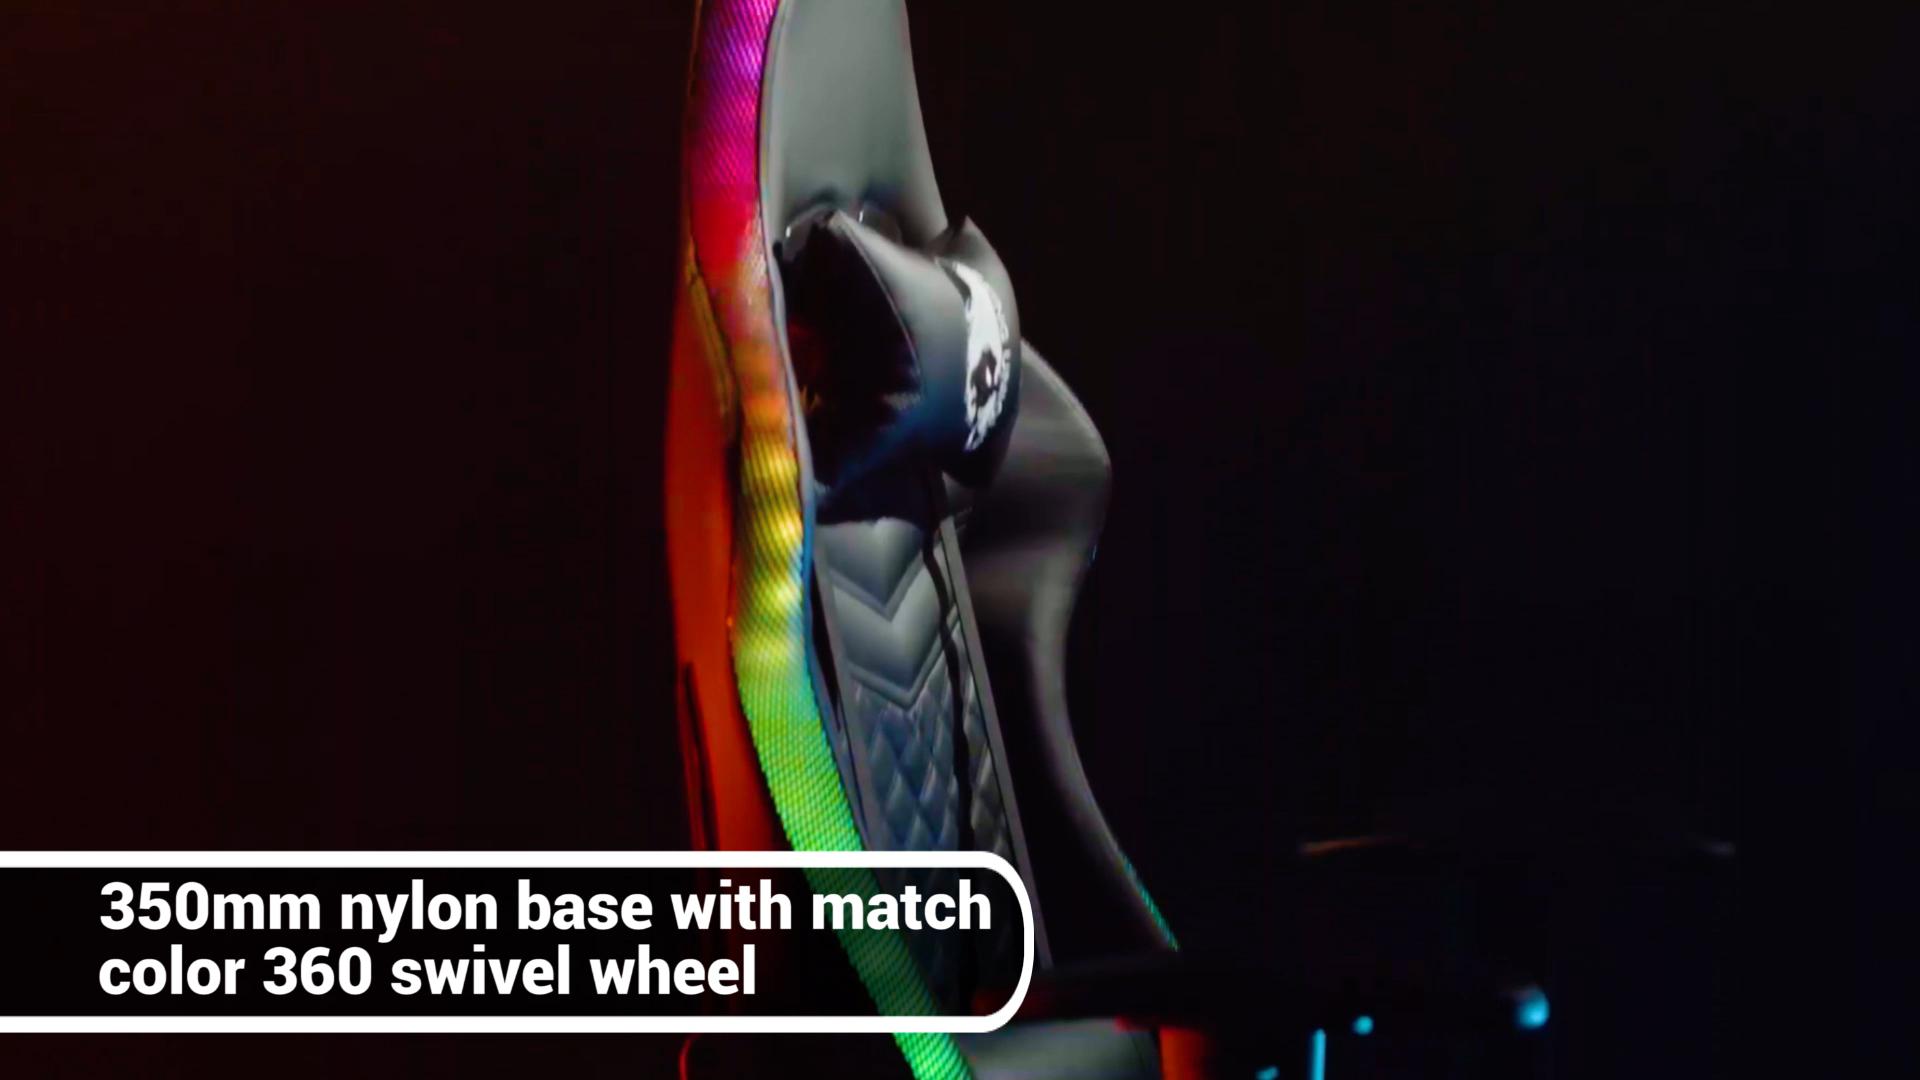 사용자 정의 자수 로고 조절 팔걸이 esports 레이싱 pc 게이머 LED 라이트 rgb 게임 의자